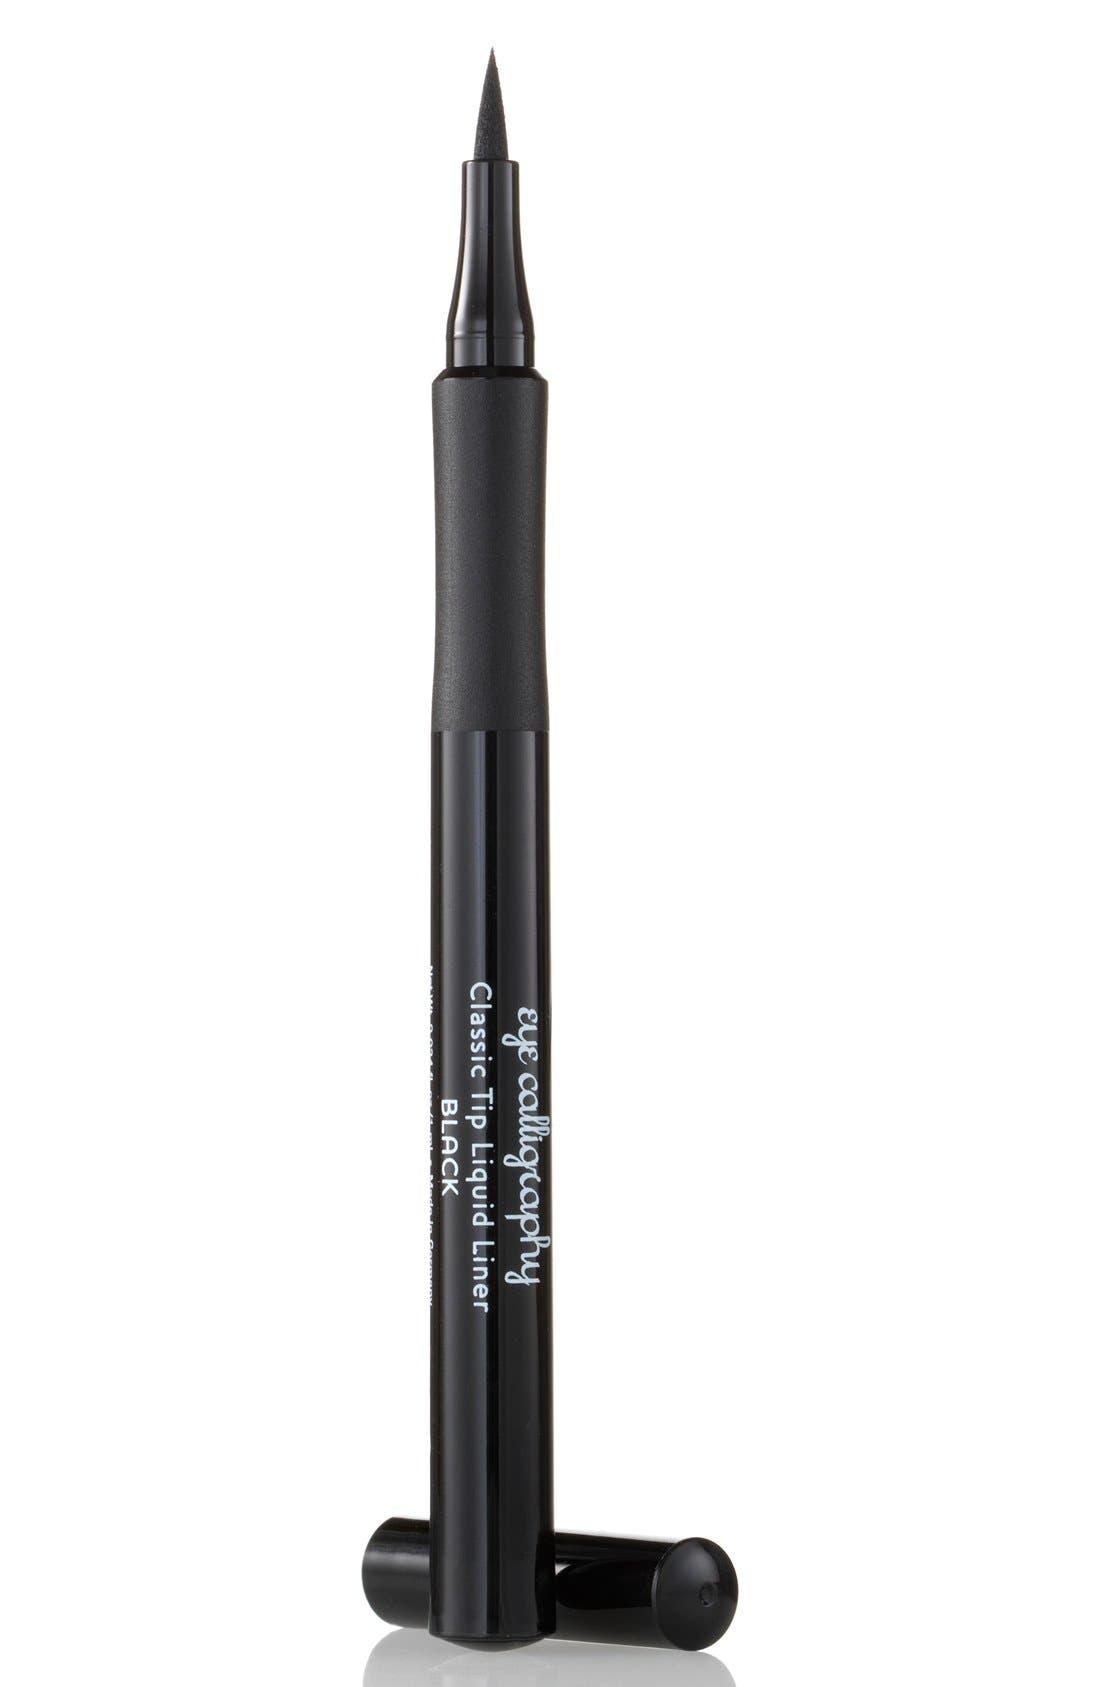 Laura Geller Beauty 'Eye Calligraphy' Eyeliner Marker